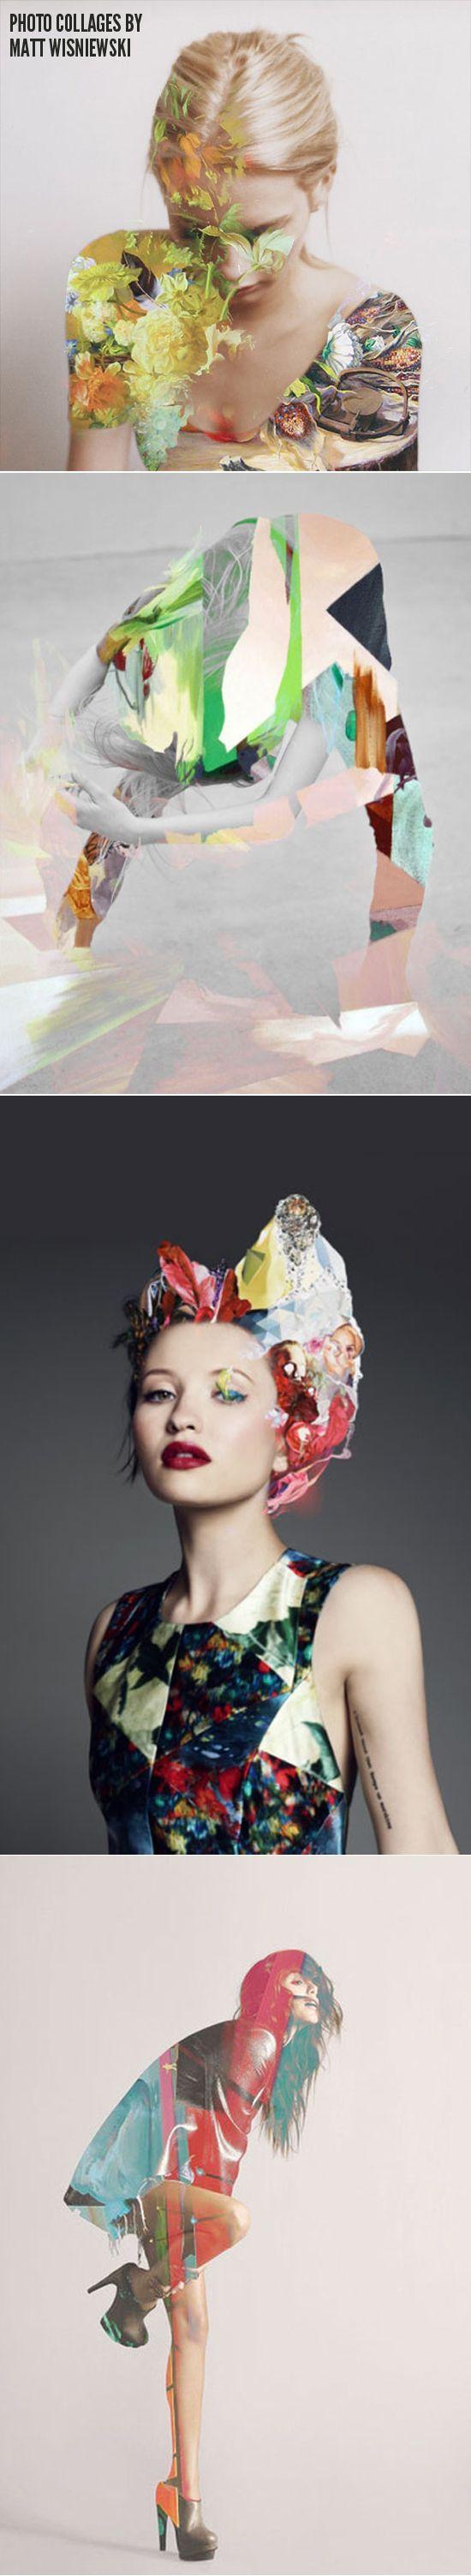 Matt Wisniewski - photo collages